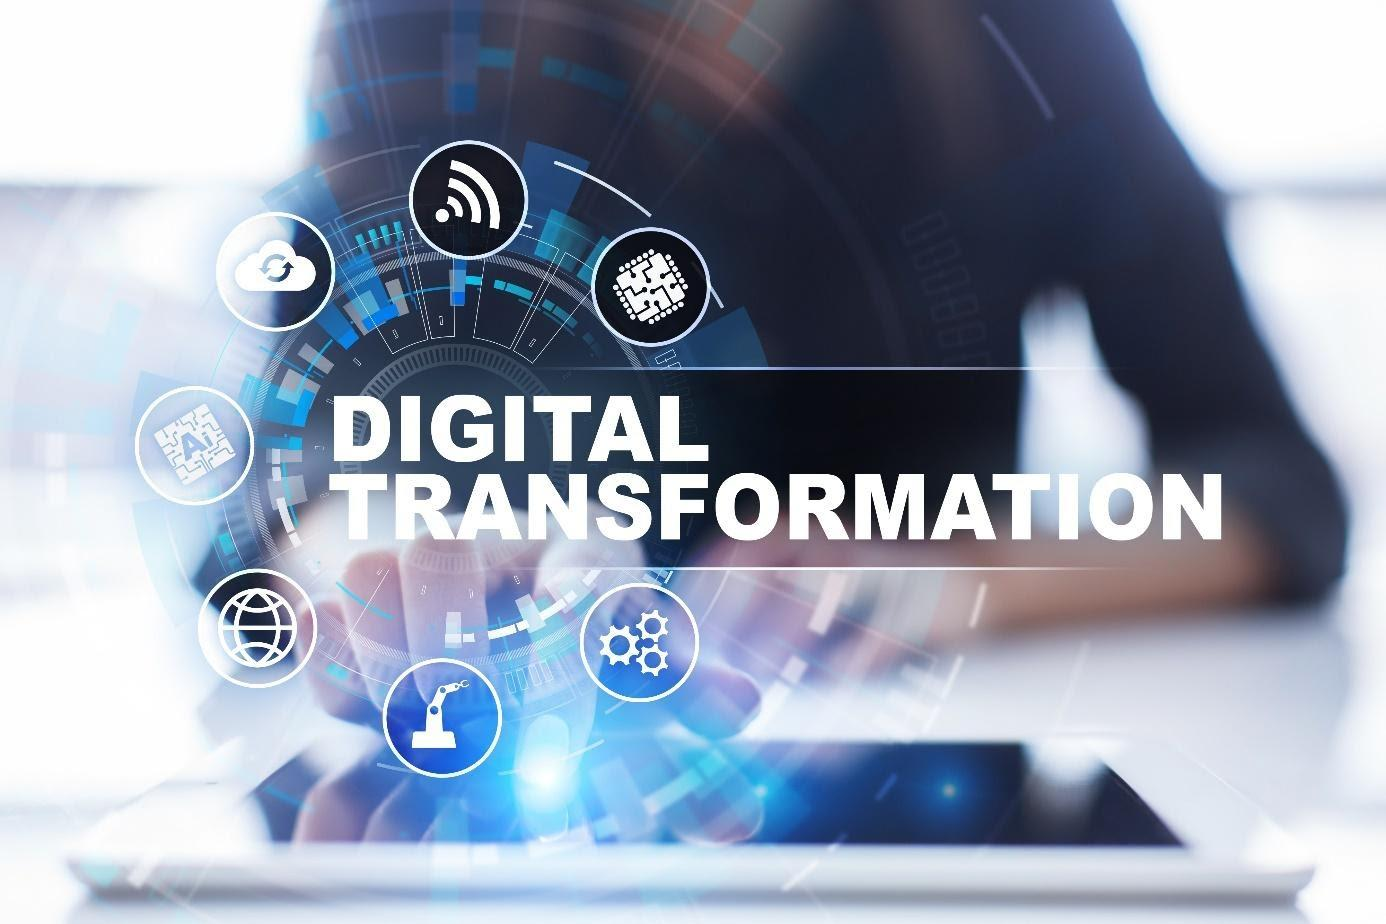 Digital transformation - chuyển đổi công nghệ số ứng dụng ngày càng nhiều trong sản xuất